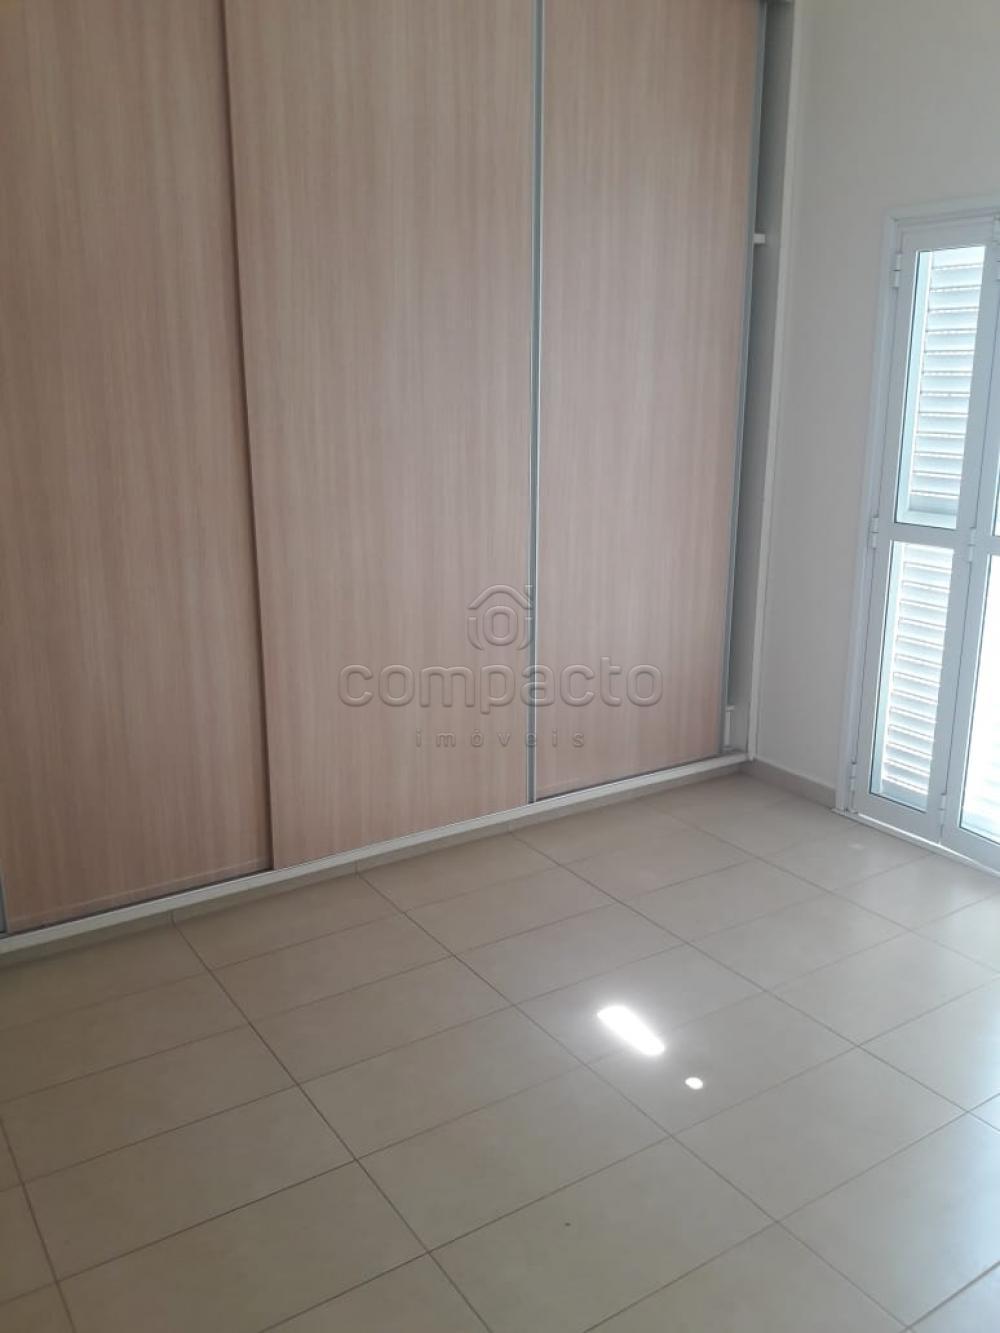 Alugar Casa / Condomínio em São José do Rio Preto apenas R$ 4.500,00 - Foto 11